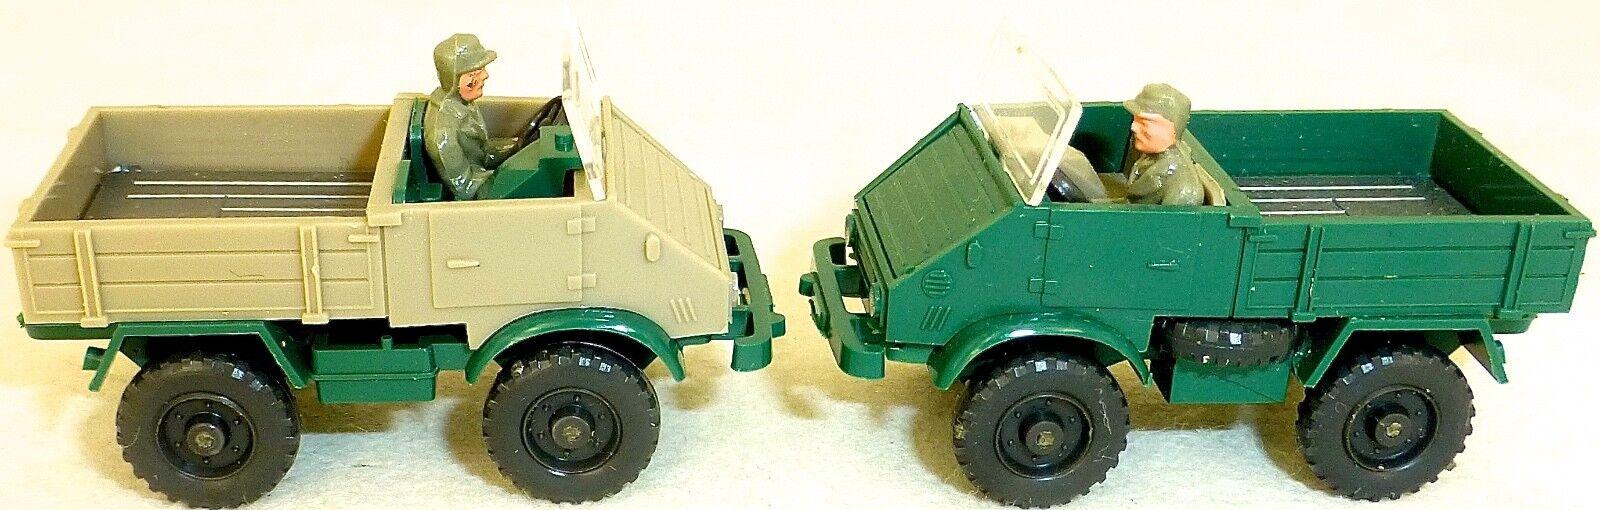 2 x Wiking MB Unimog 411 Verde/Verde + Verde/Grigio-Oliva 37n H0 1:87 Å